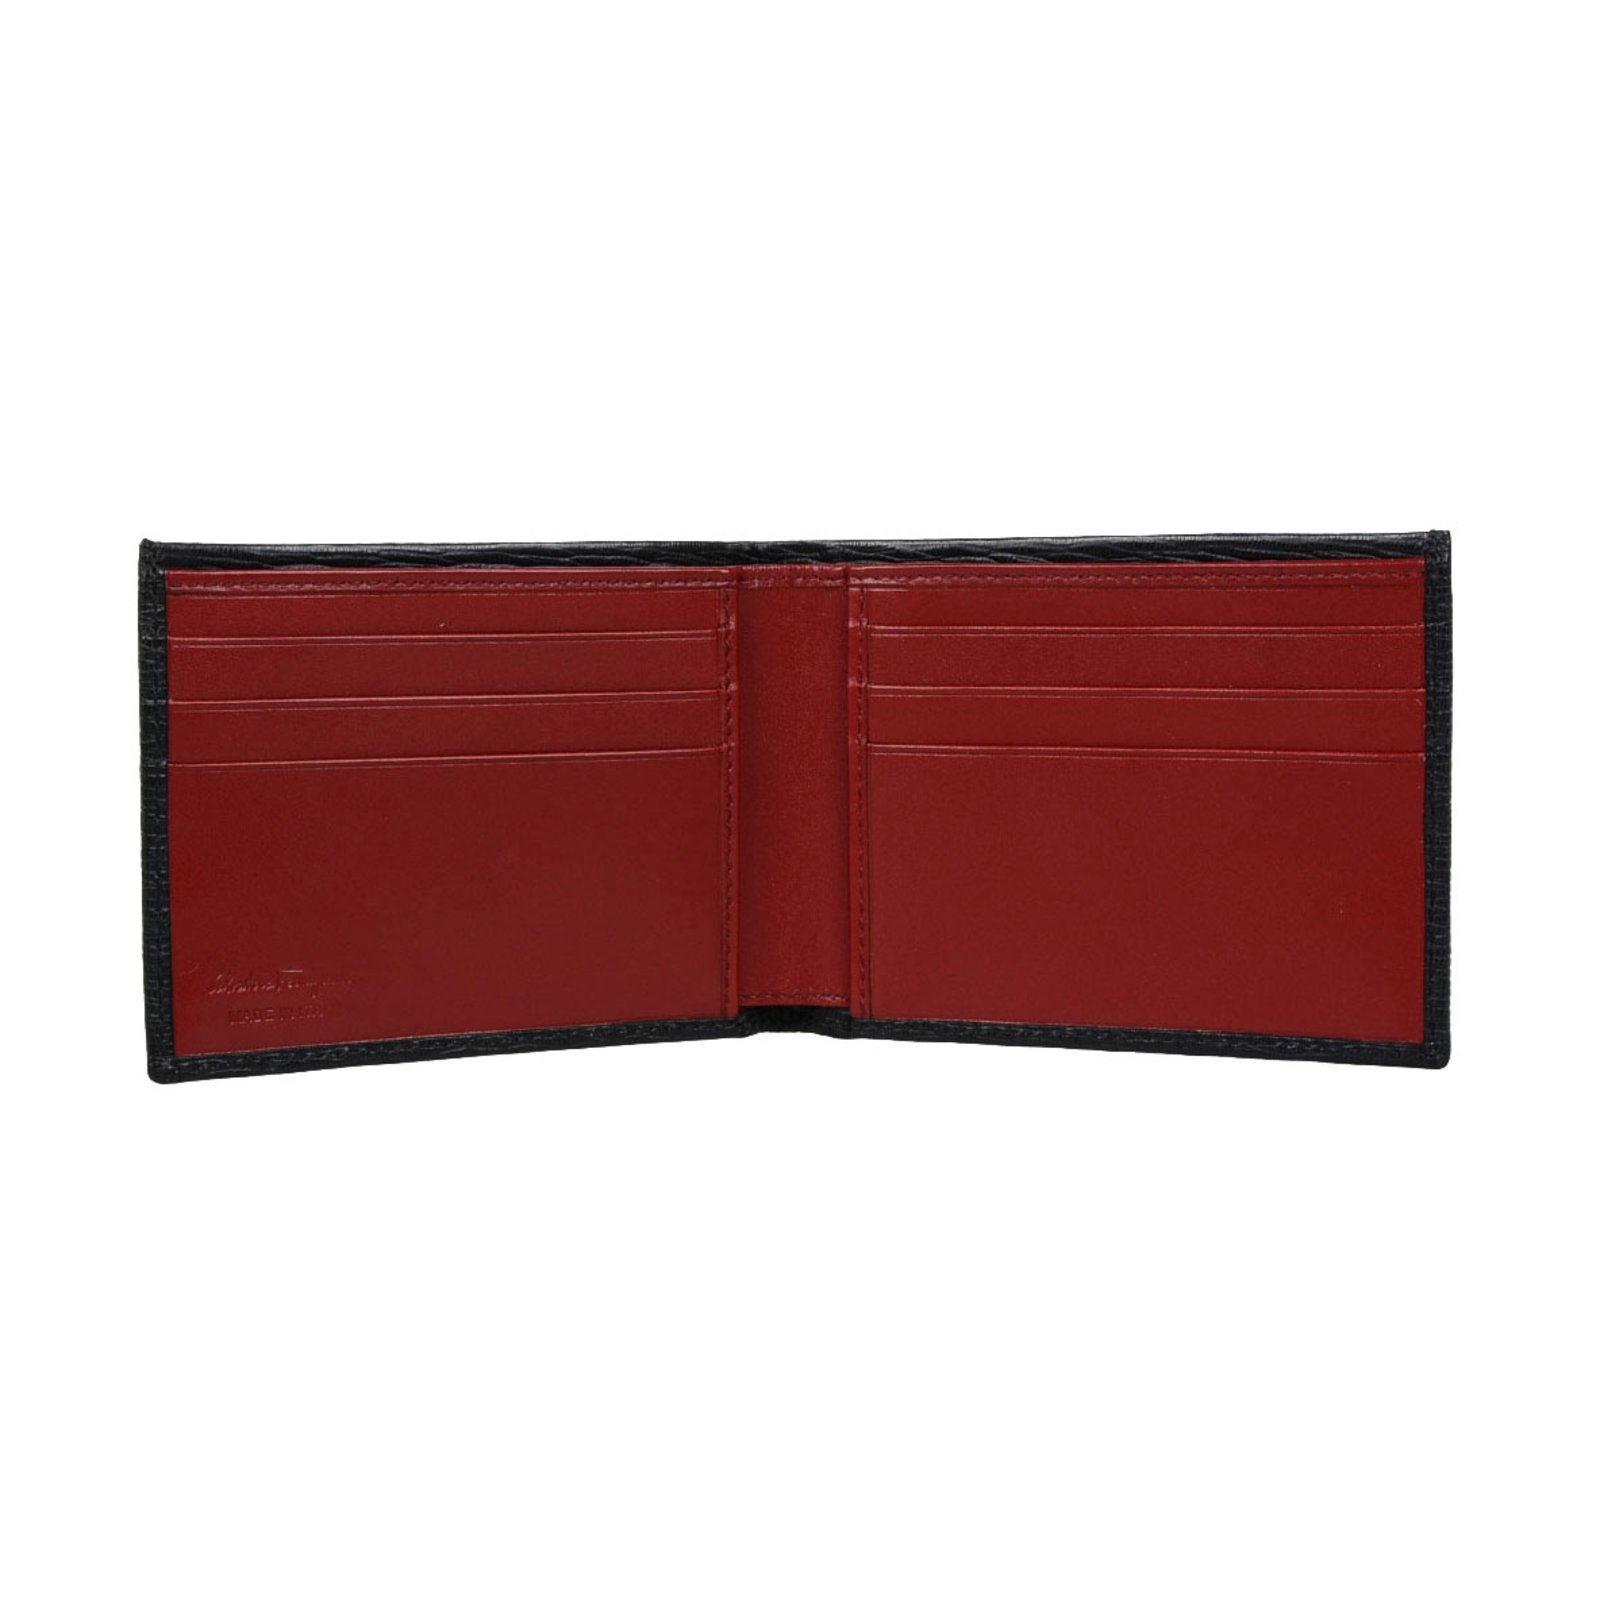 eba0fc418e24 Salvatore Ferragamo Men s wallet Wallets Small accessories Leather Black  ref.49463 - Joli Closet